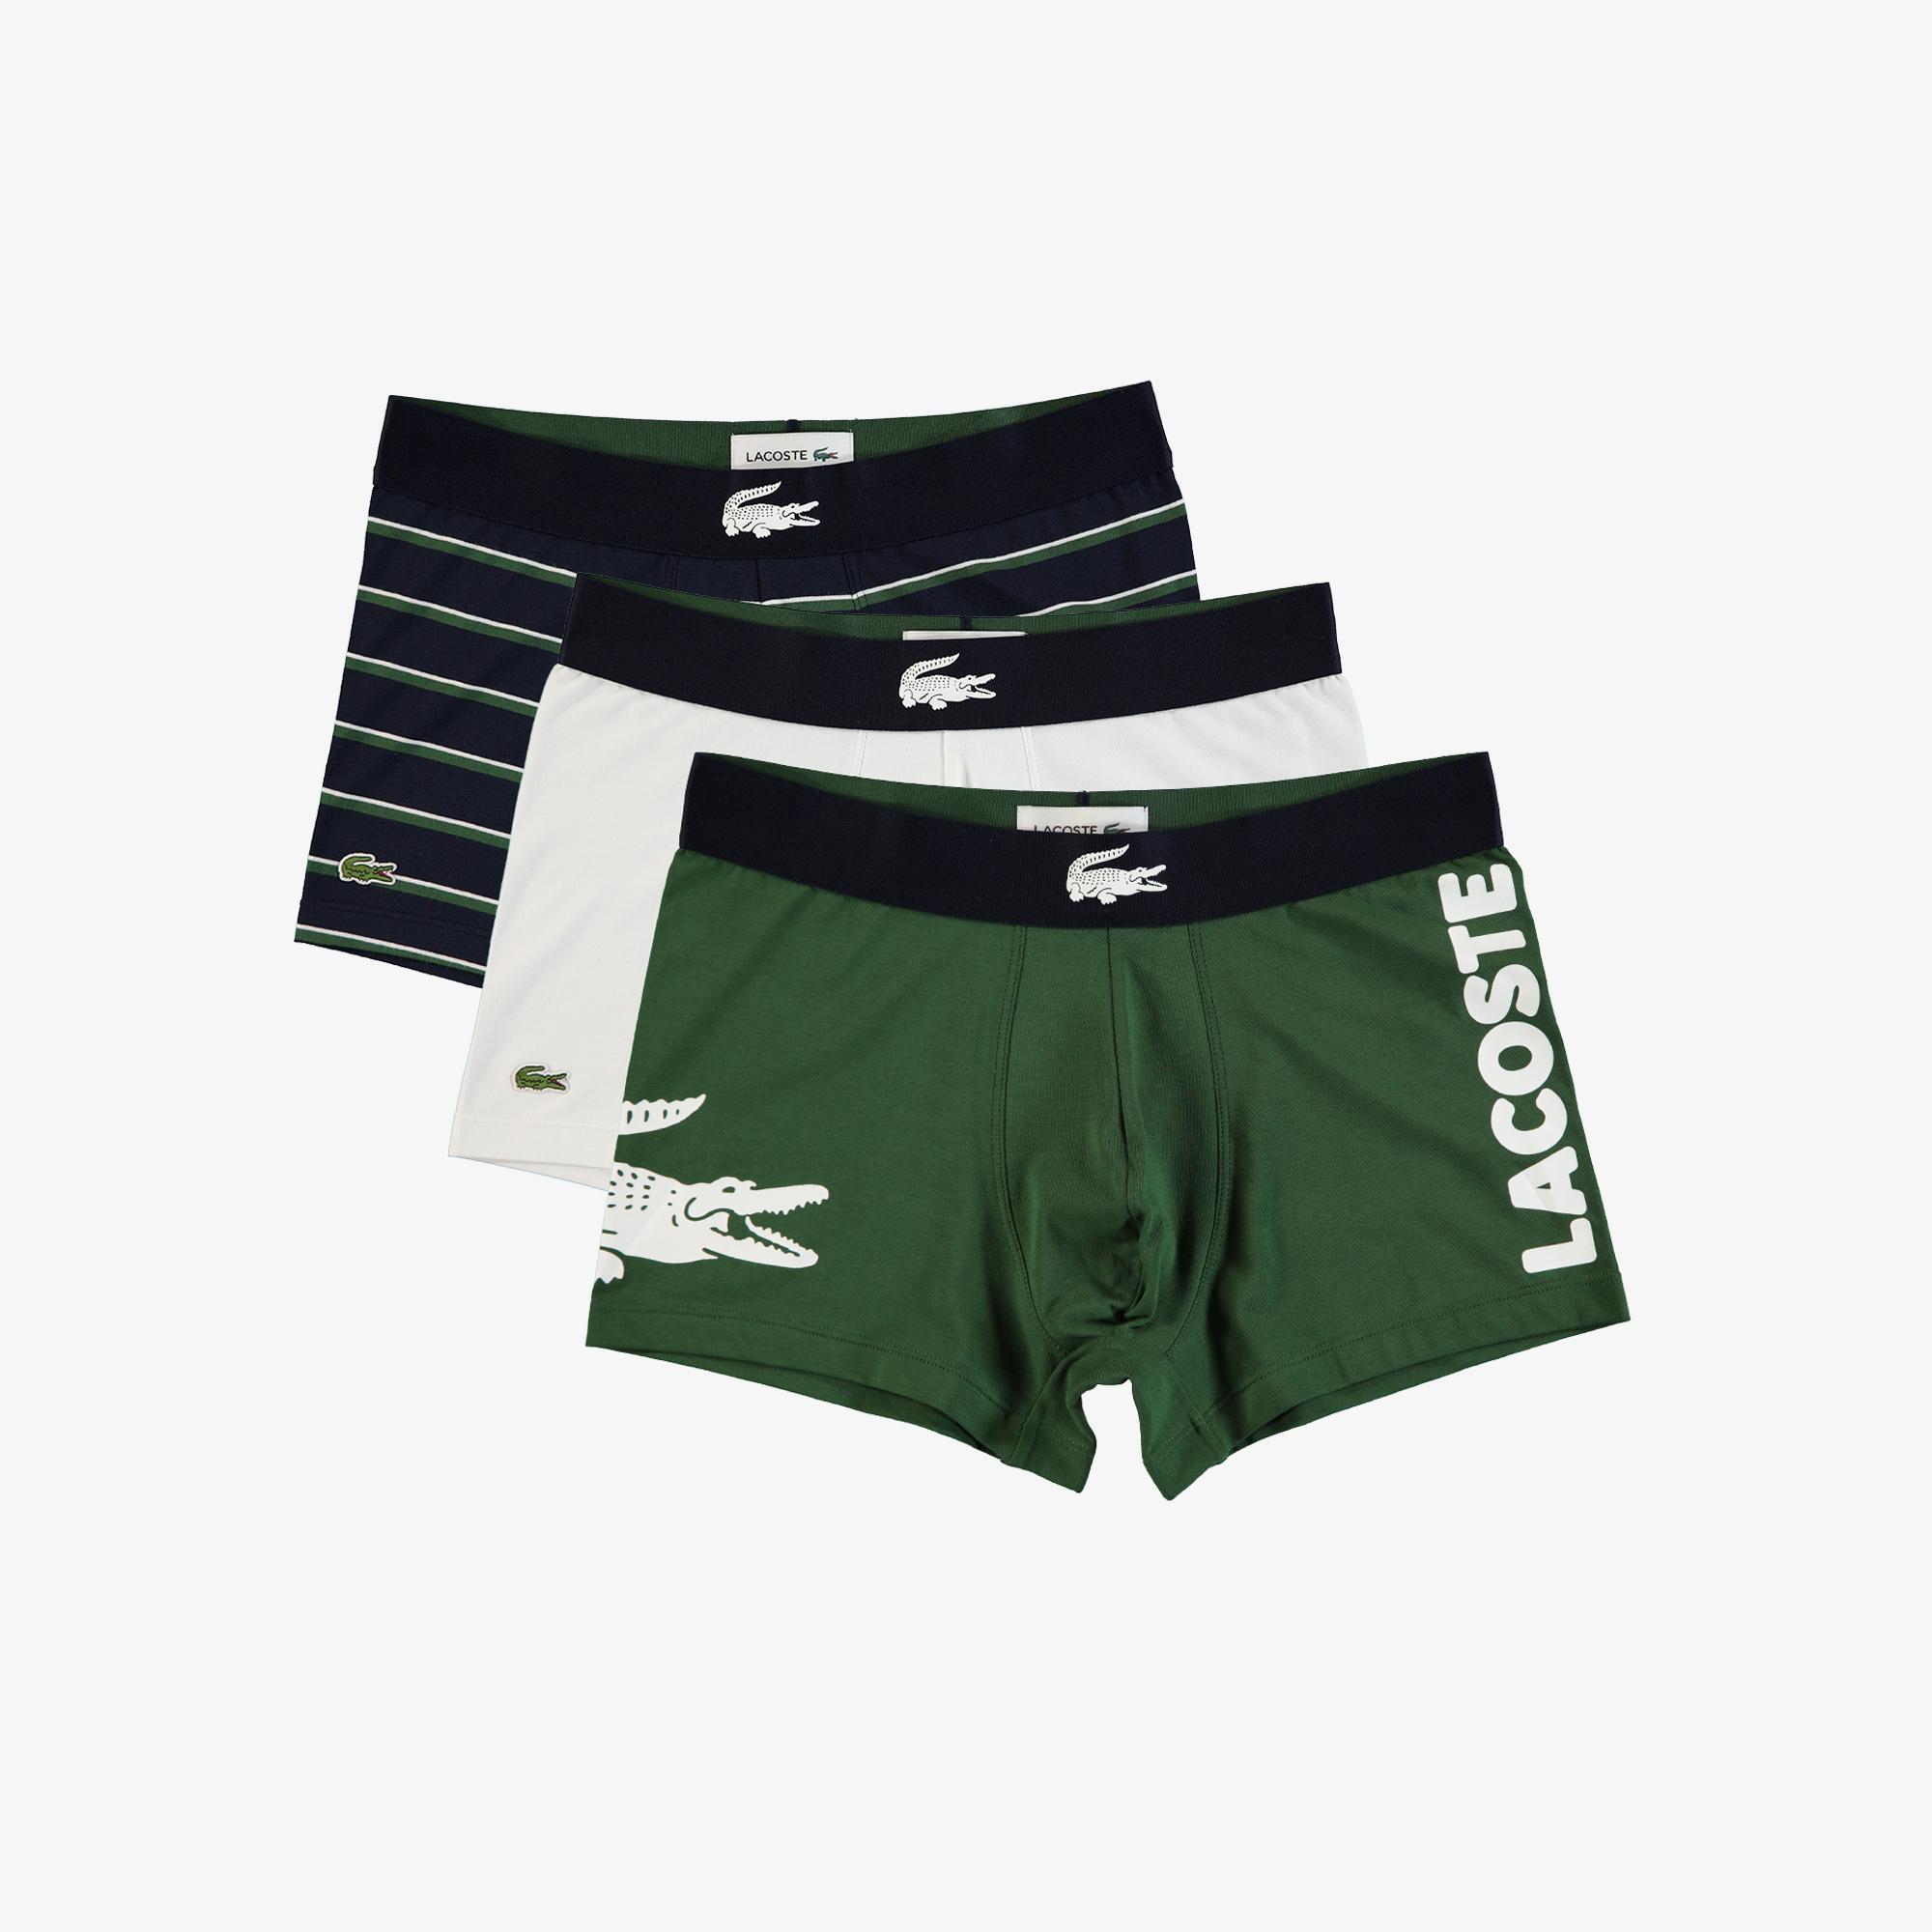 Lacoste Men's Mismatched Stretch Cotton Trunk 3-Pack